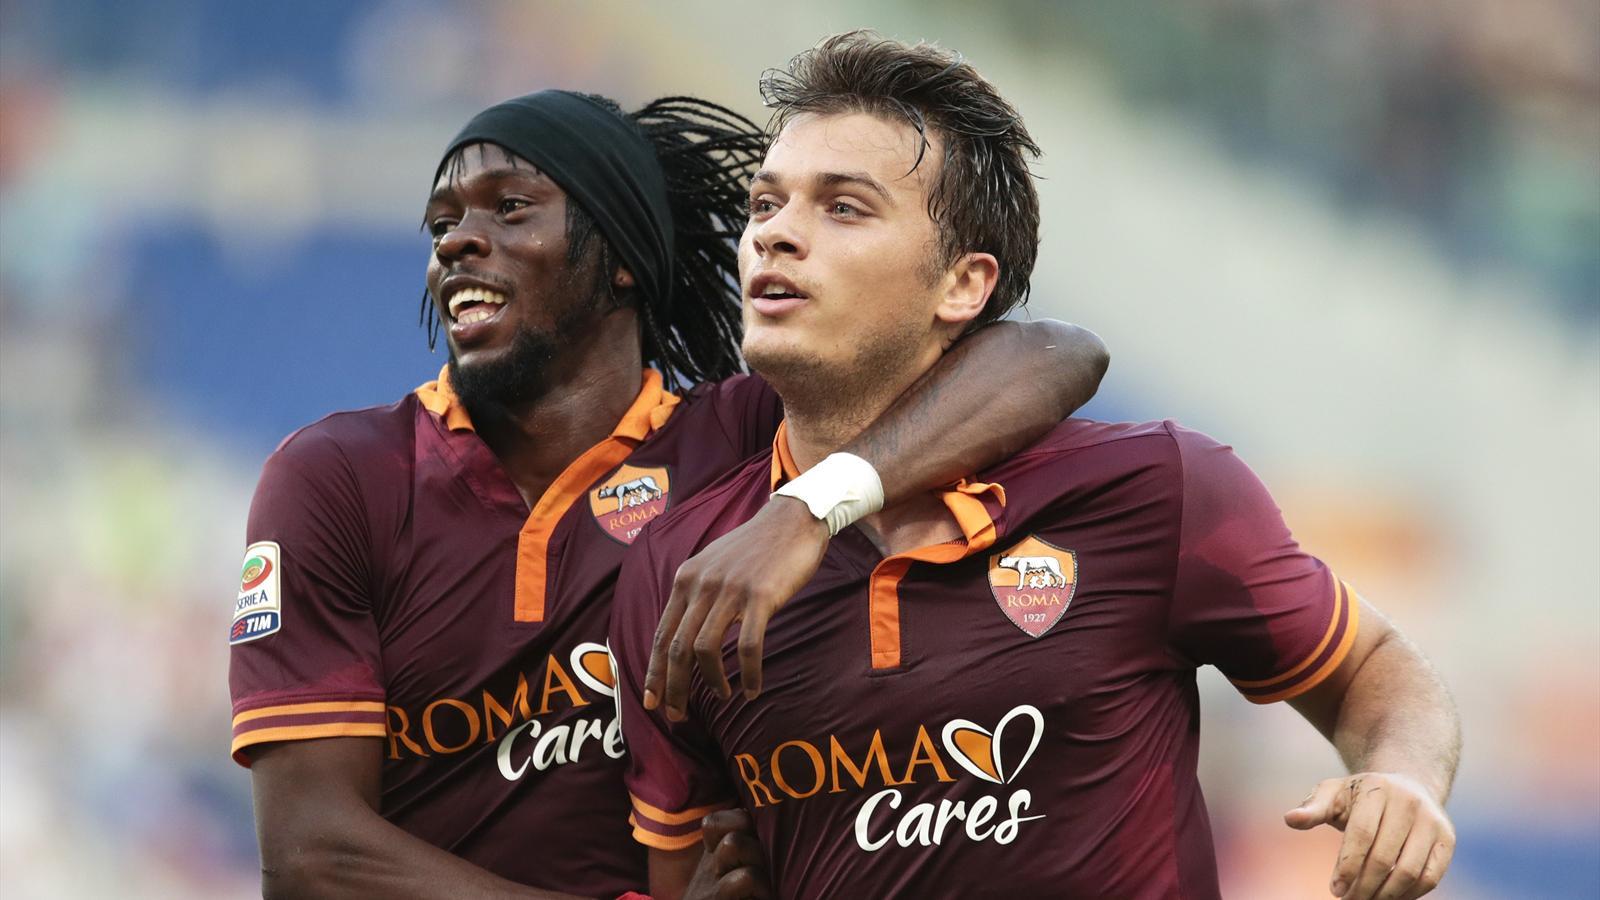 AS Roma's Adem Ljajic (R) celebrates with teammate Gervinho